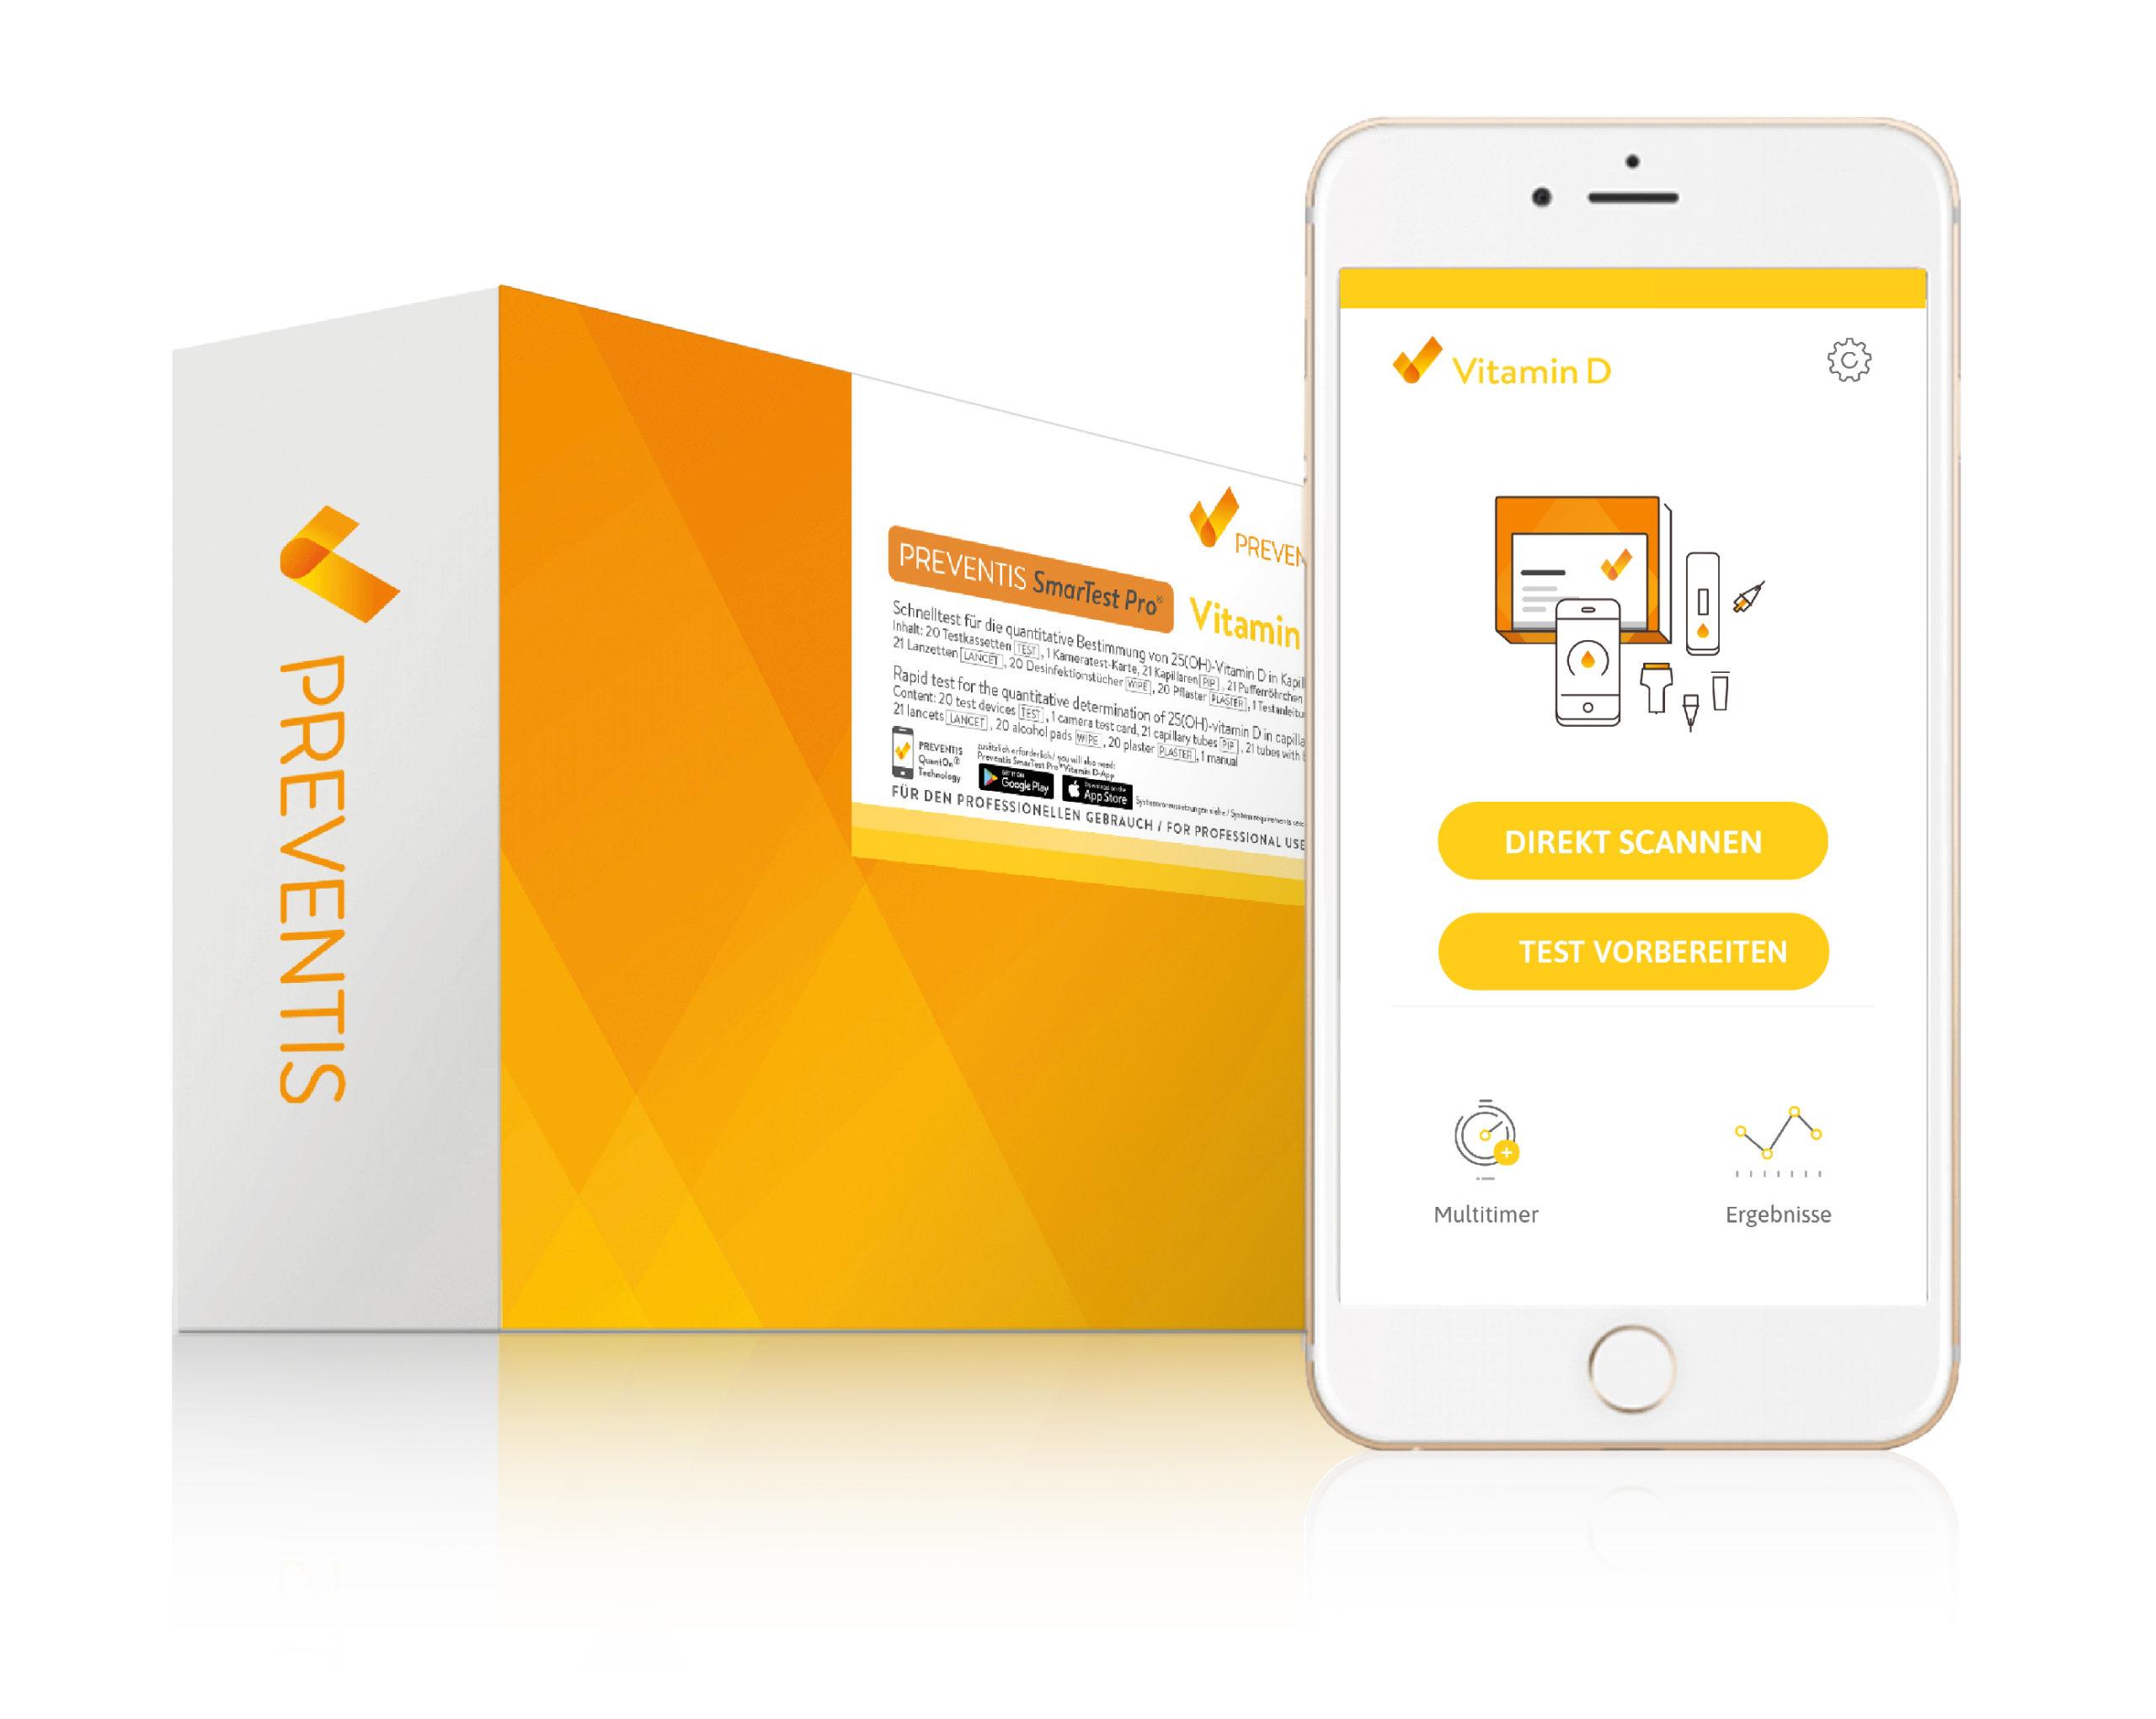 """AMM_Produktempfehlung: """"SmarTest Pro"""" von Preventis – Vitamin-D-Test per App"""